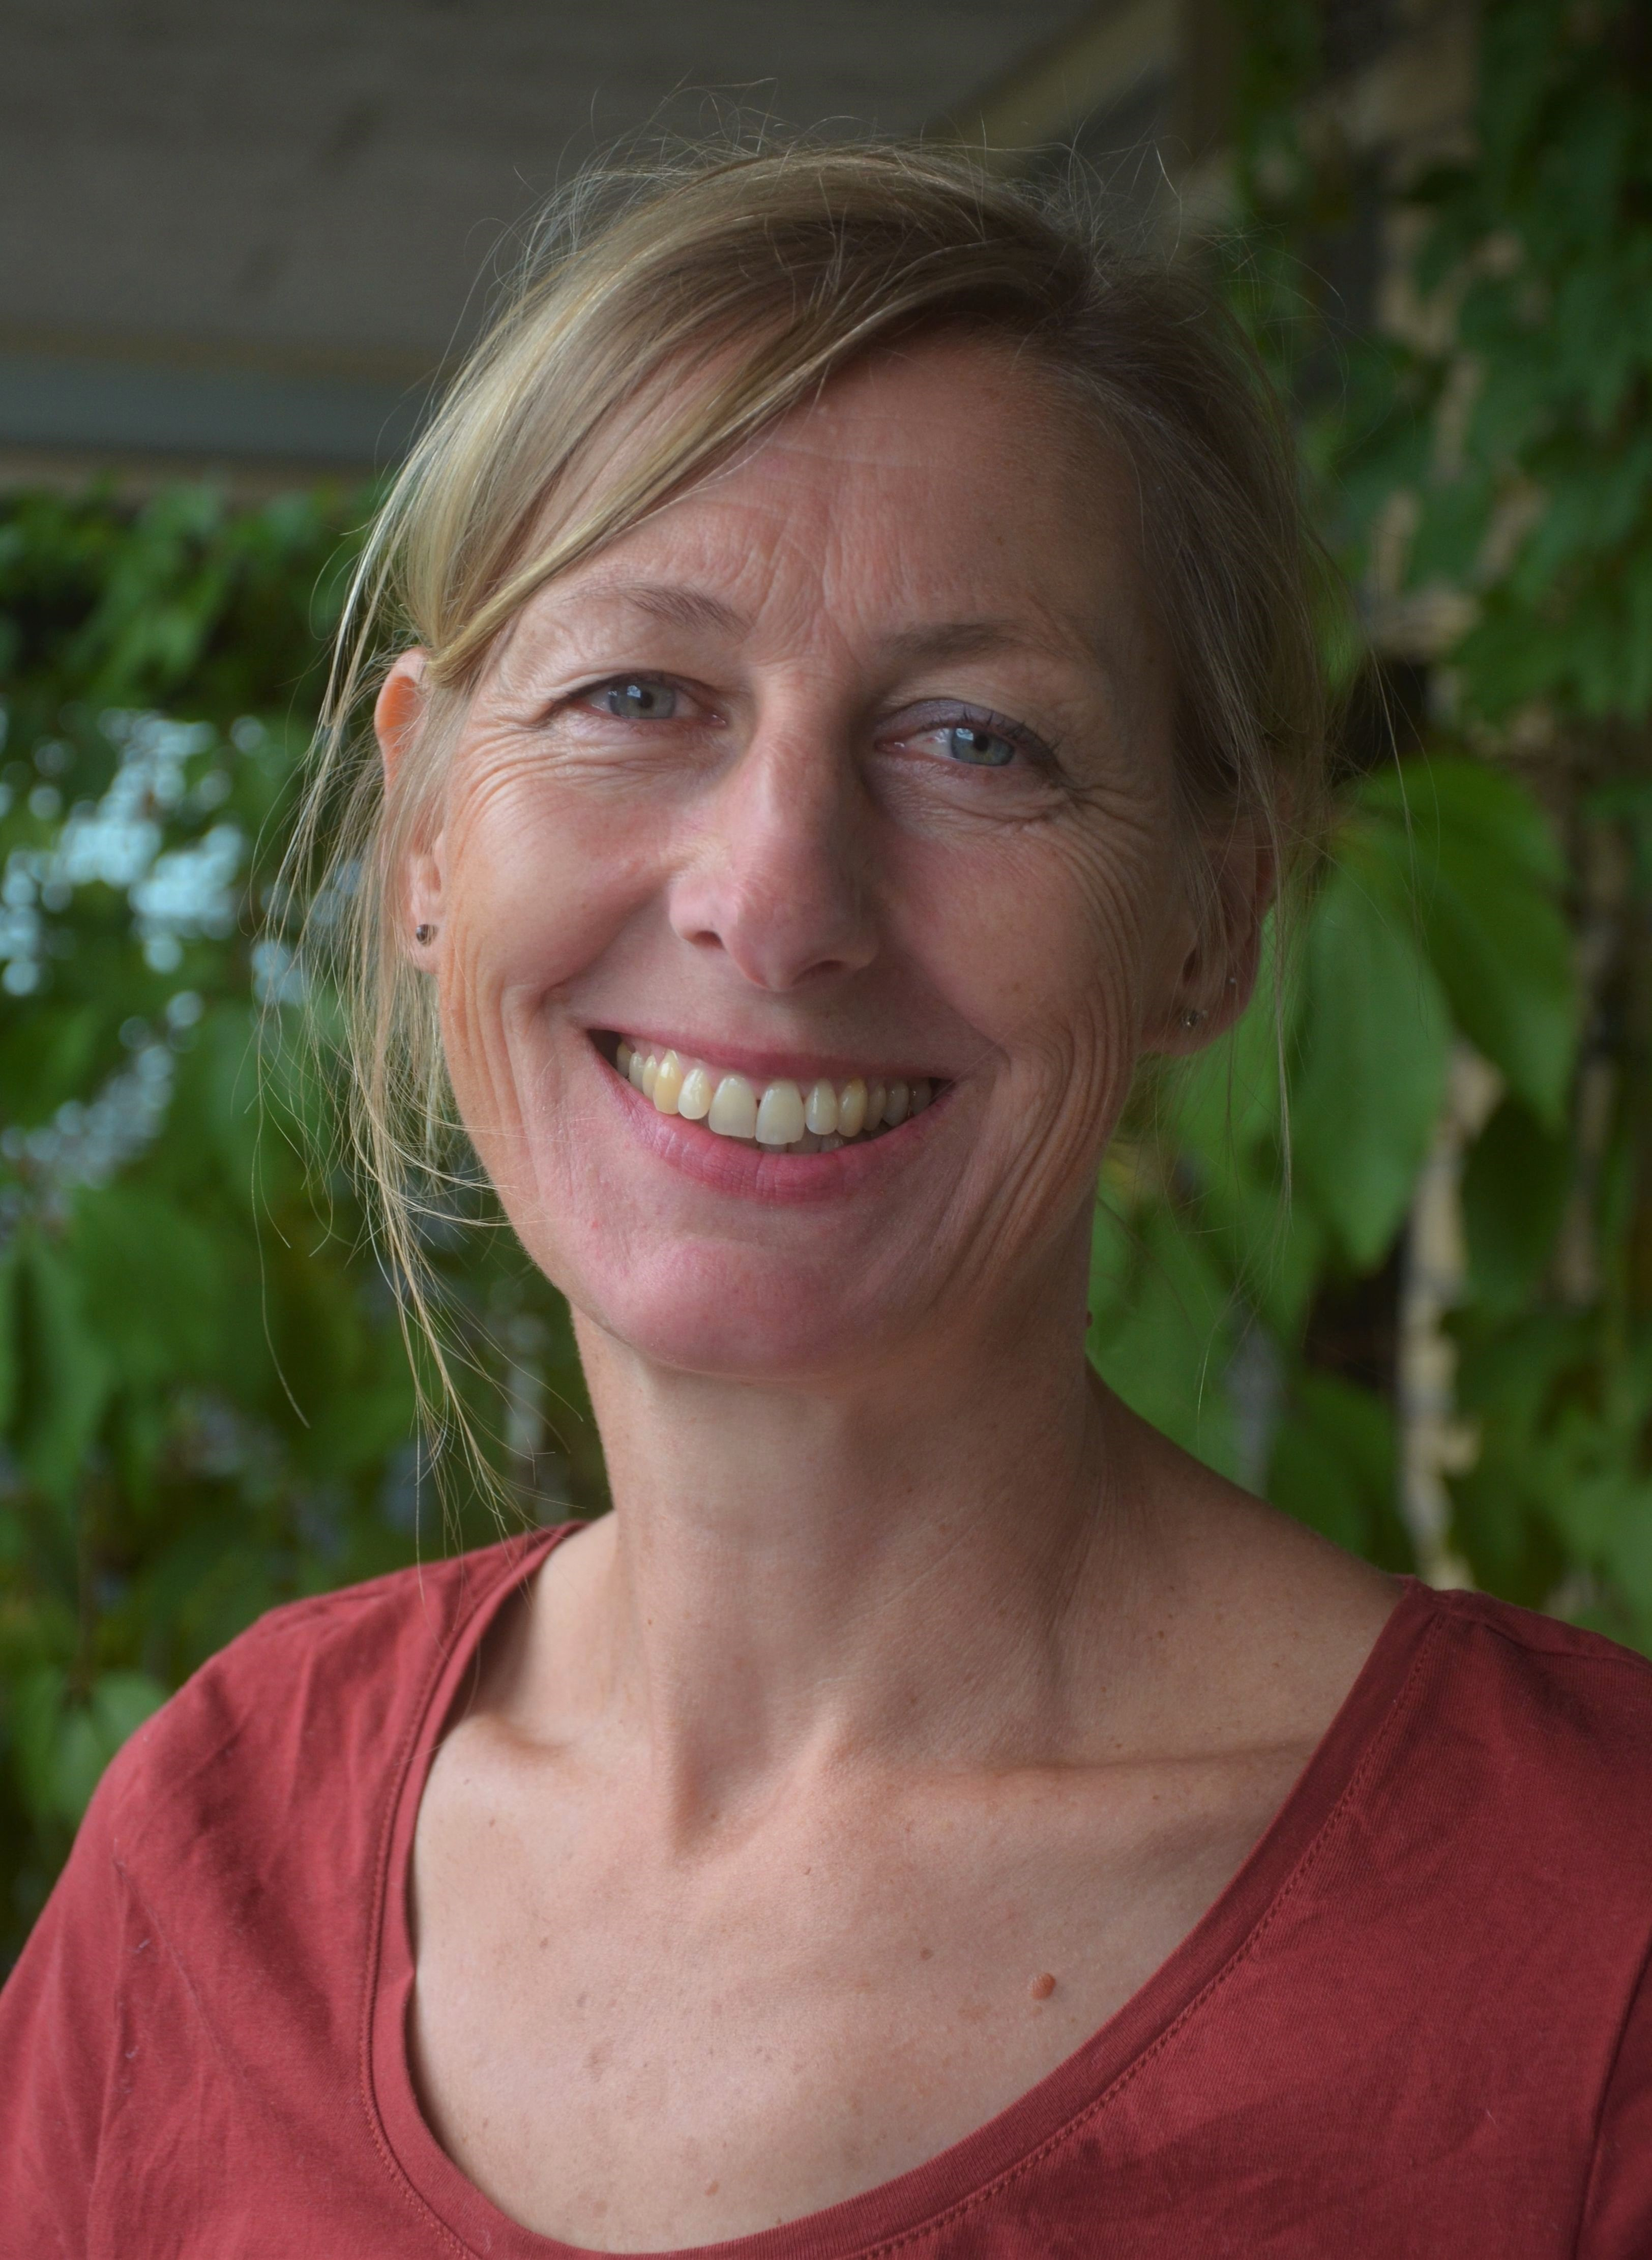 Katrin Beise is gediplomeerd euritmietherapeute